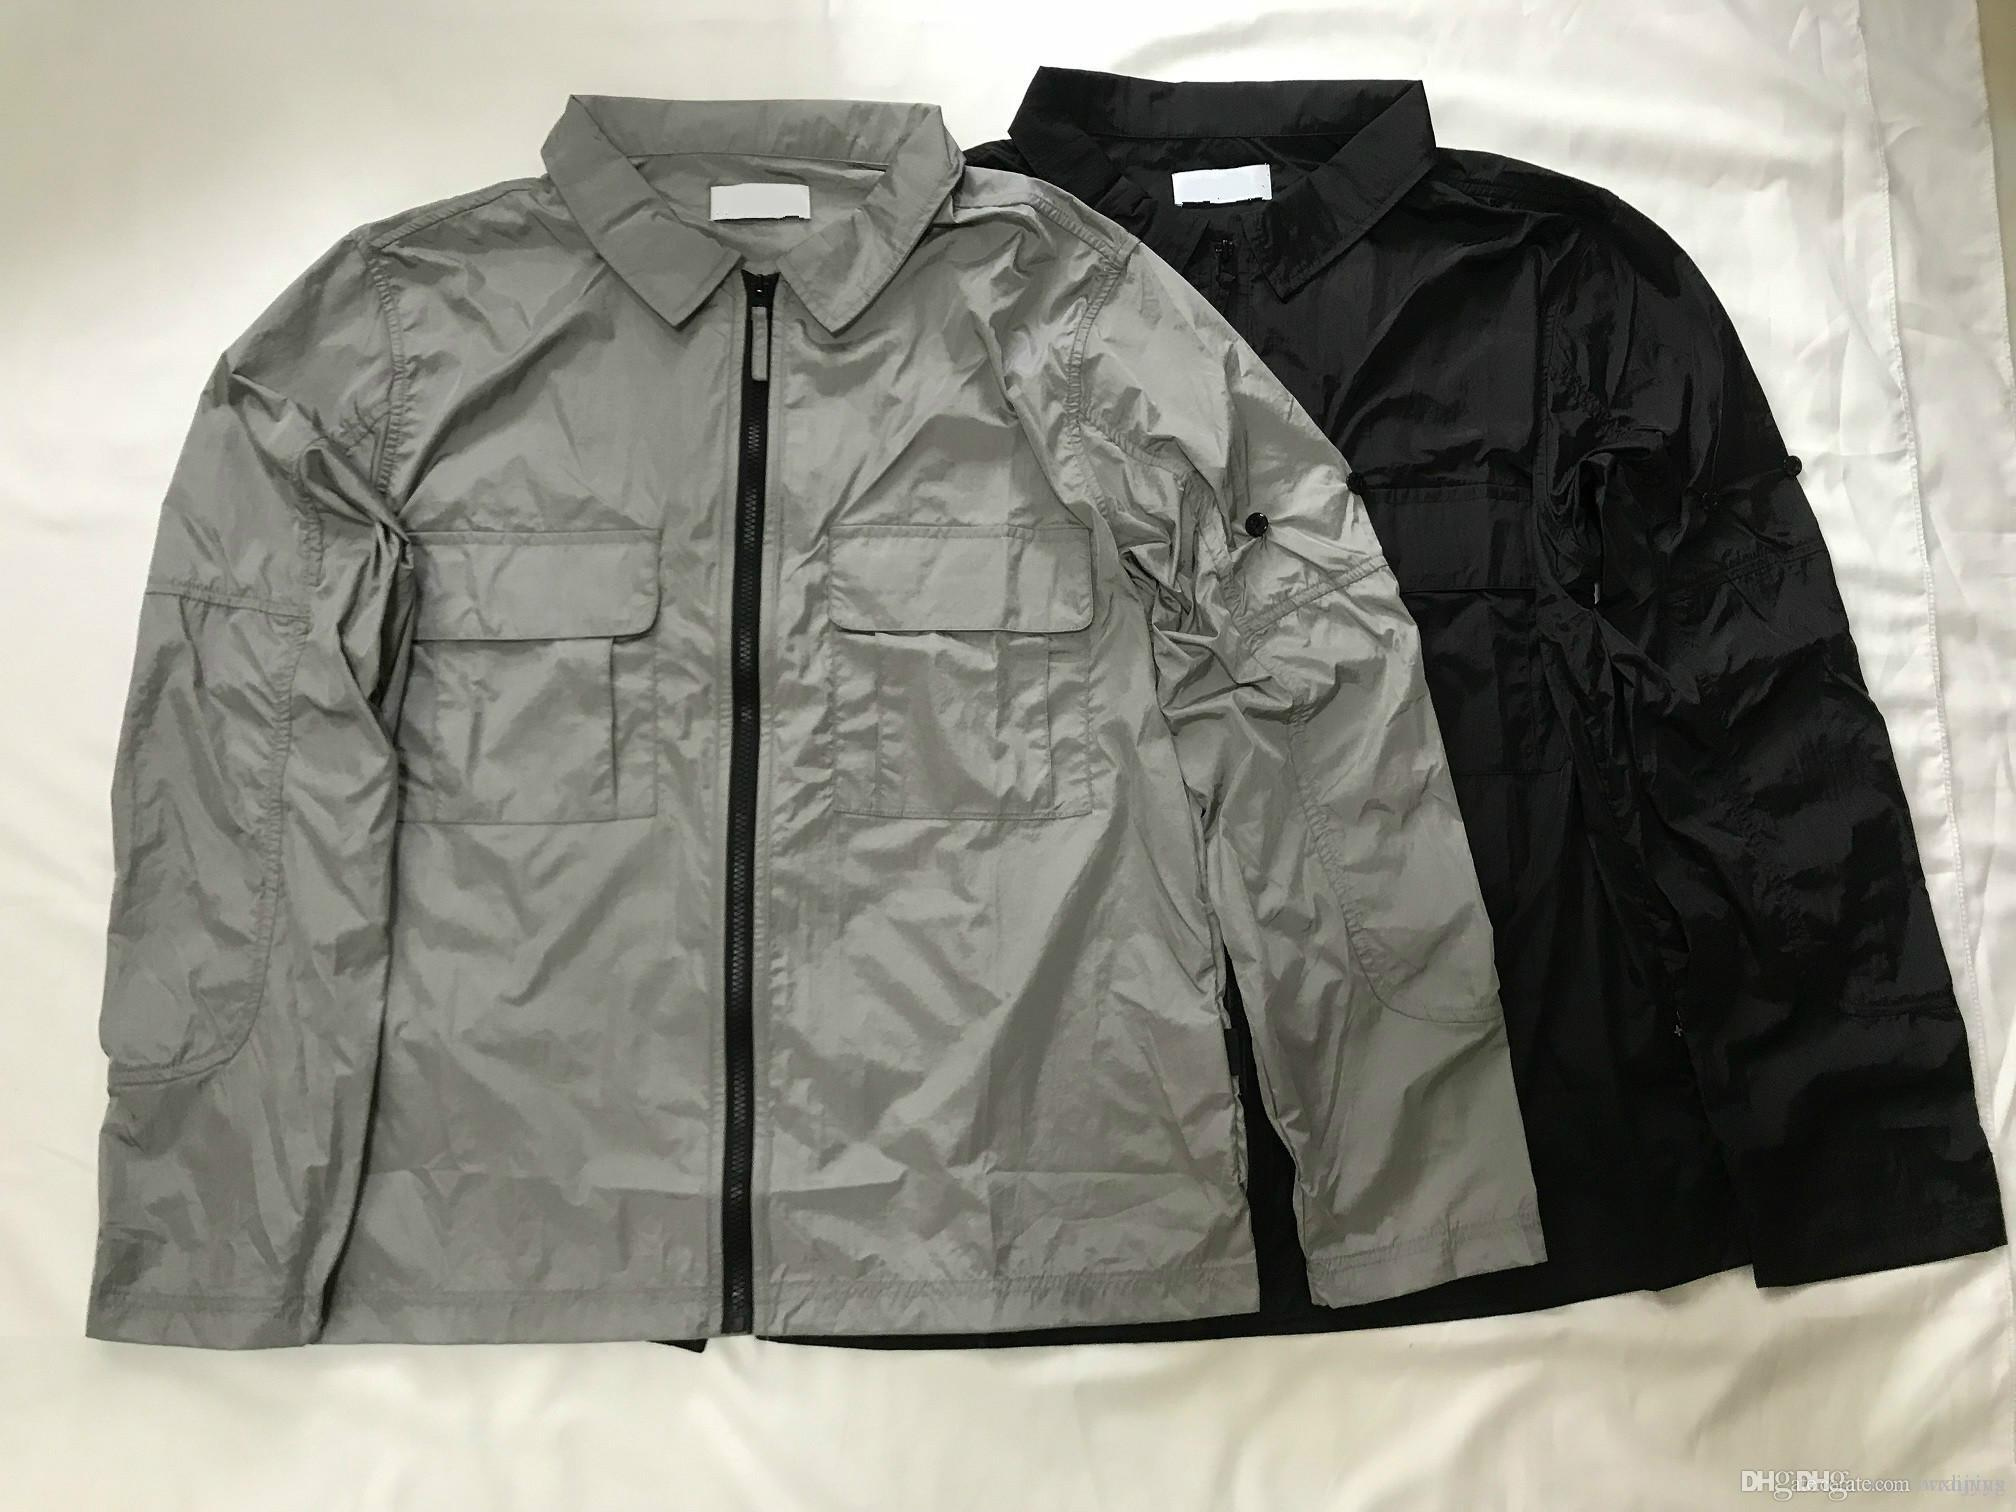 2020 hommes luxe occasionnels vestes de créateurs classiques hommes manteaux YKK en nylon métallique haut arment fermeture éclair logo OEM imperméable taille asiatique veste homme